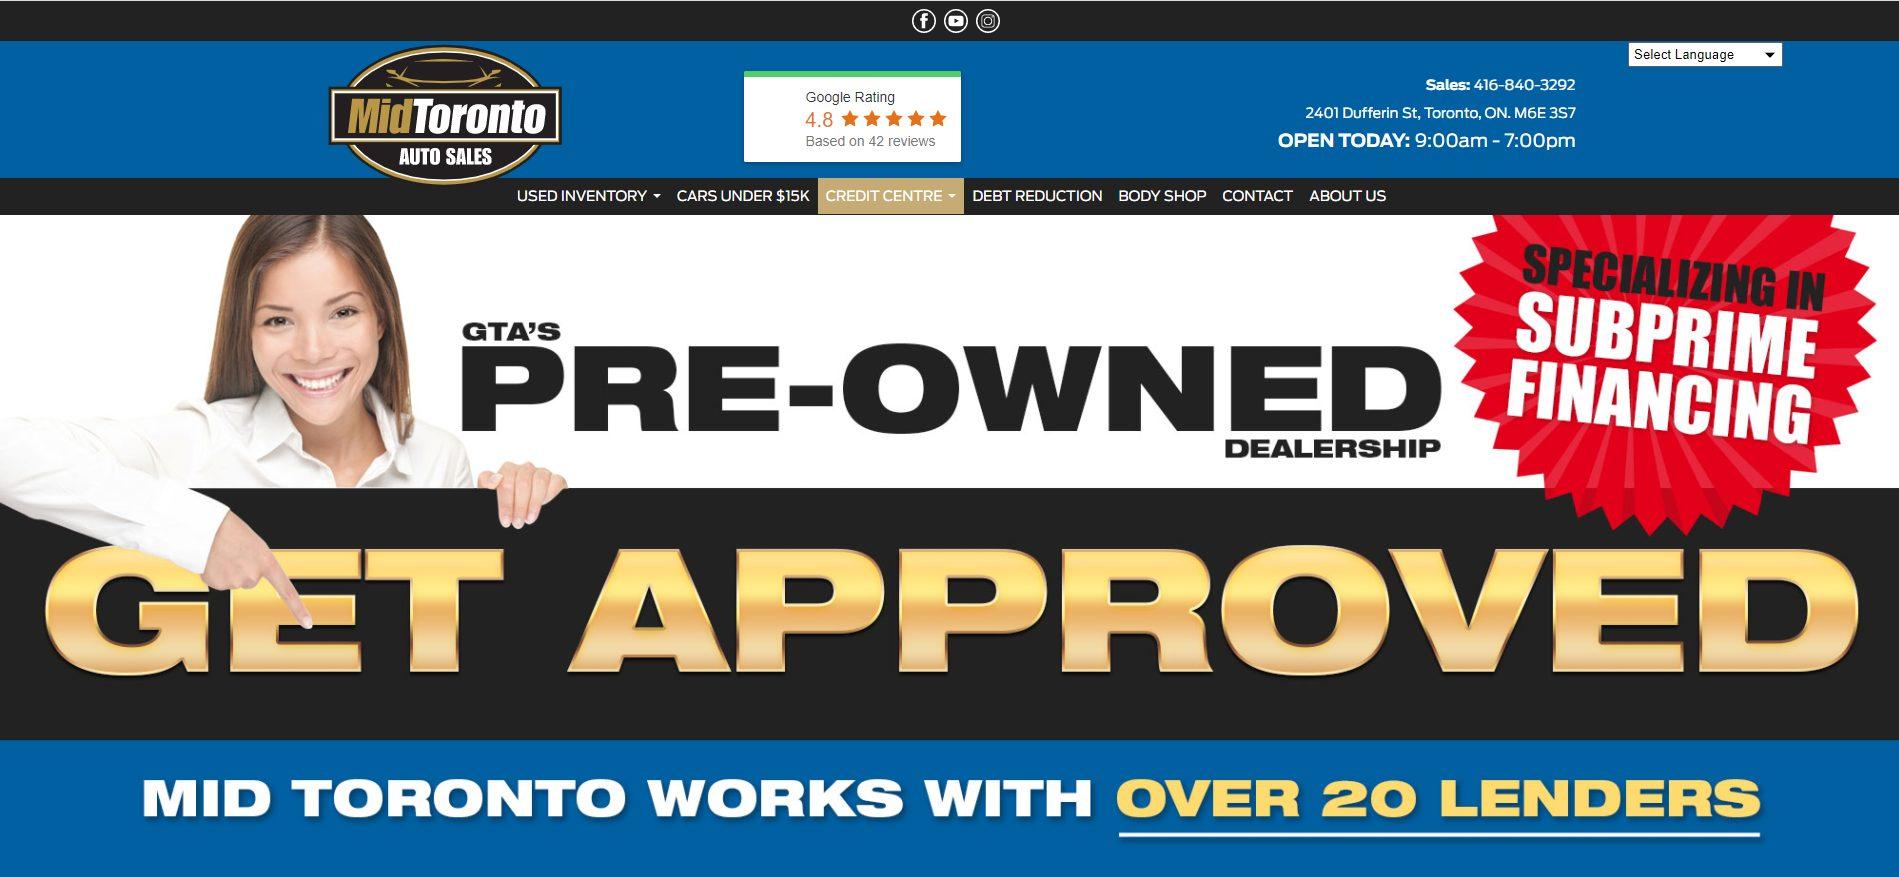 Mid Toronto Auto sales -used car dealerships